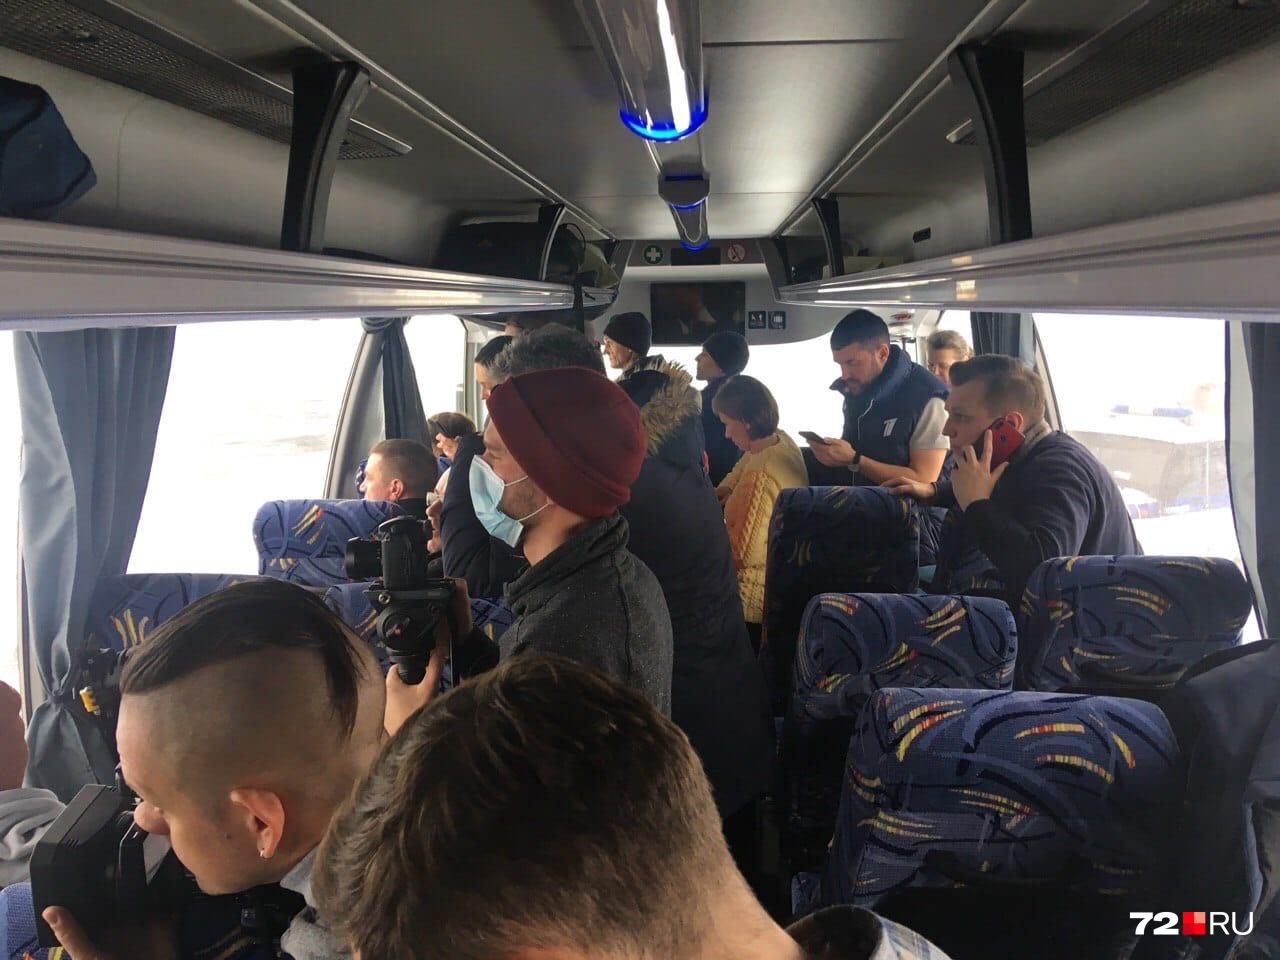 Журналисты больше часа дежурят в автобусе, который находится на взлетно-посадочной полосе